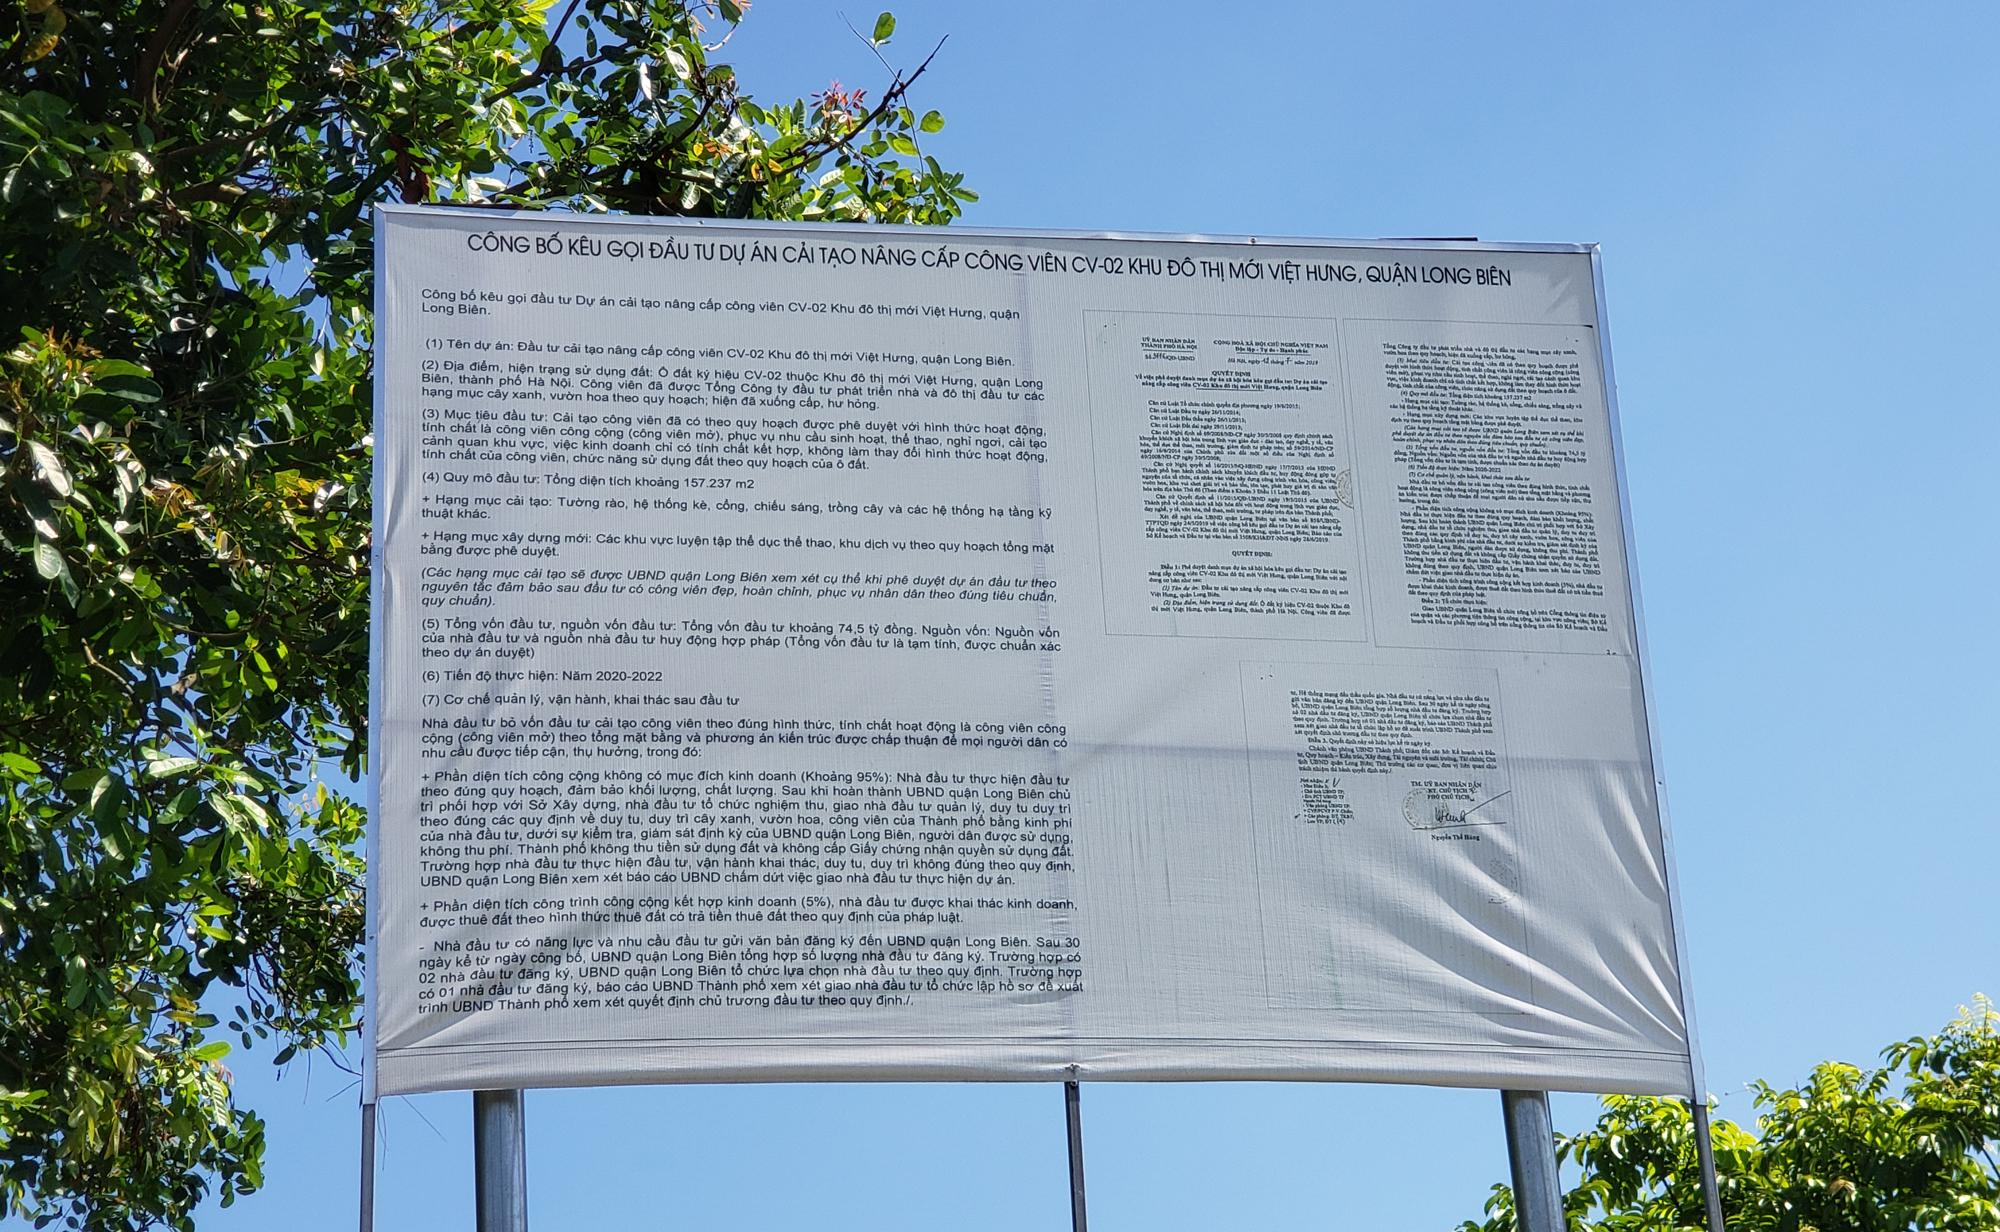 Chờ dự án cải tạo, công viên CV-02 Khu đô thị mới Việt Hưng như cánh đồng hoang - Ảnh 16.